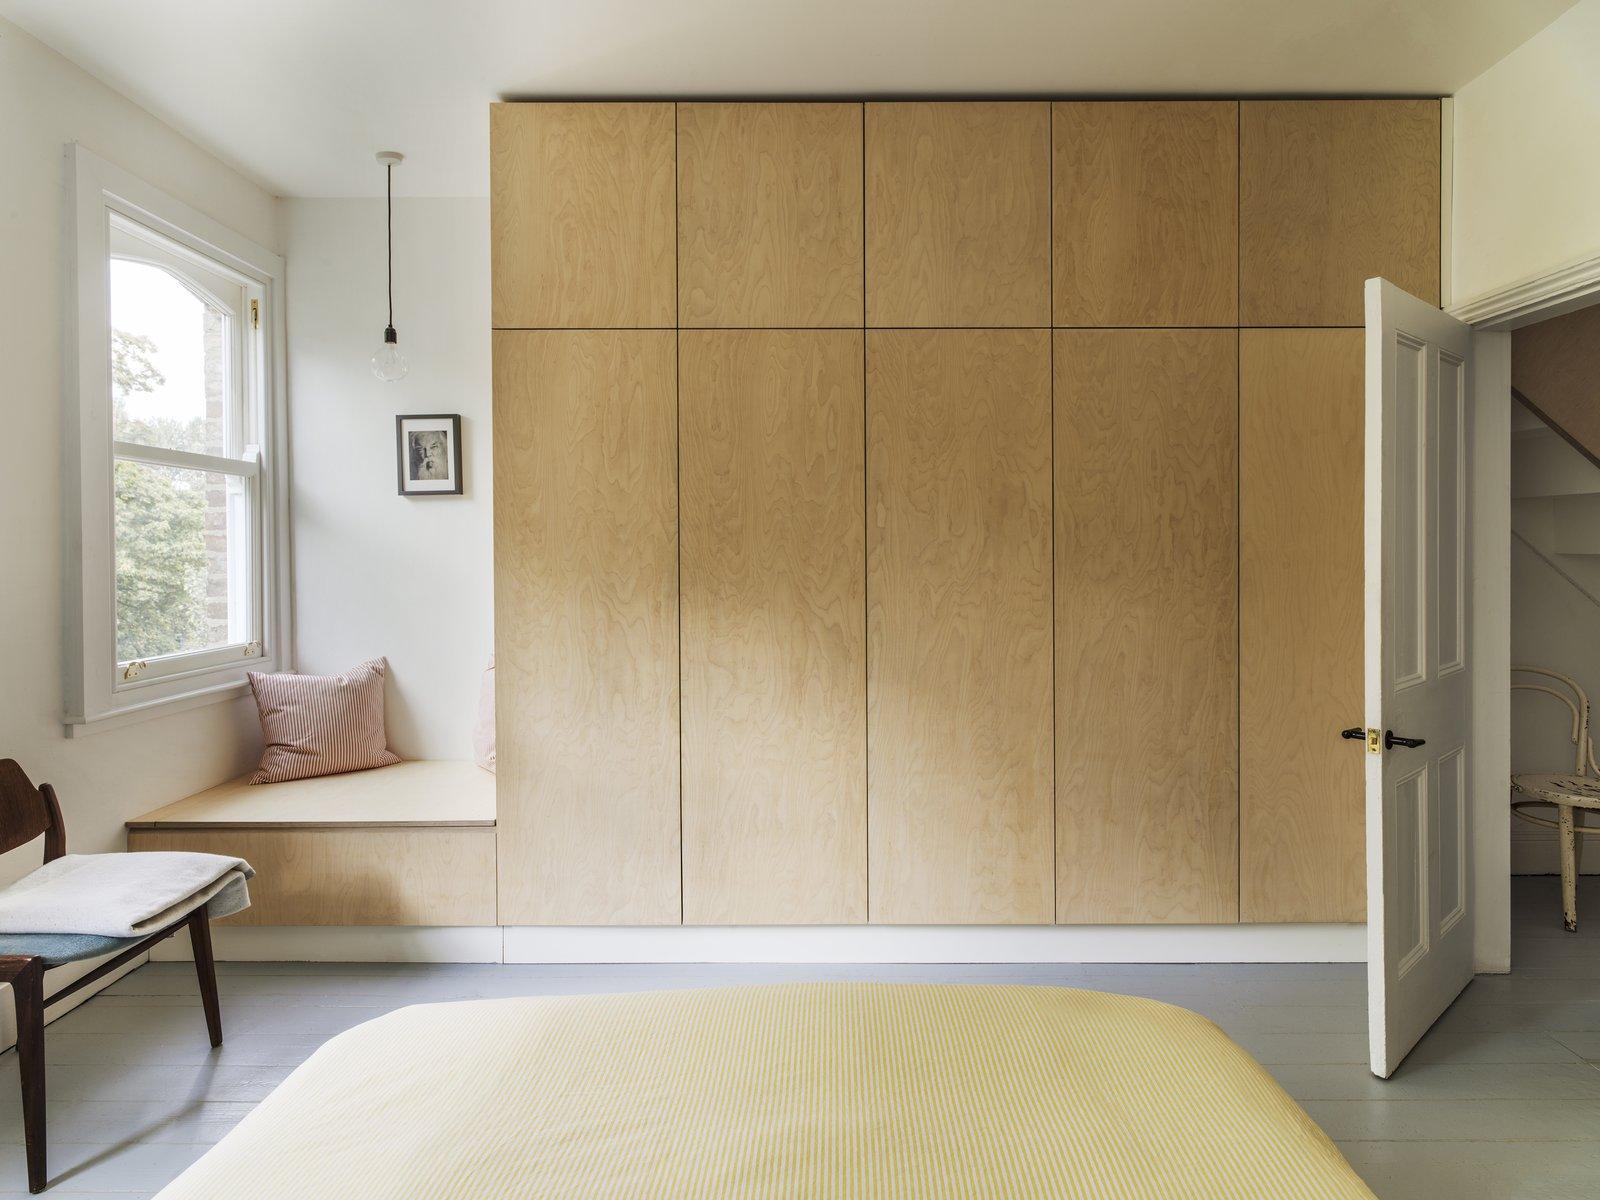 Vault House by Studio Ben Allen bedroom with minimalist wood cabinets